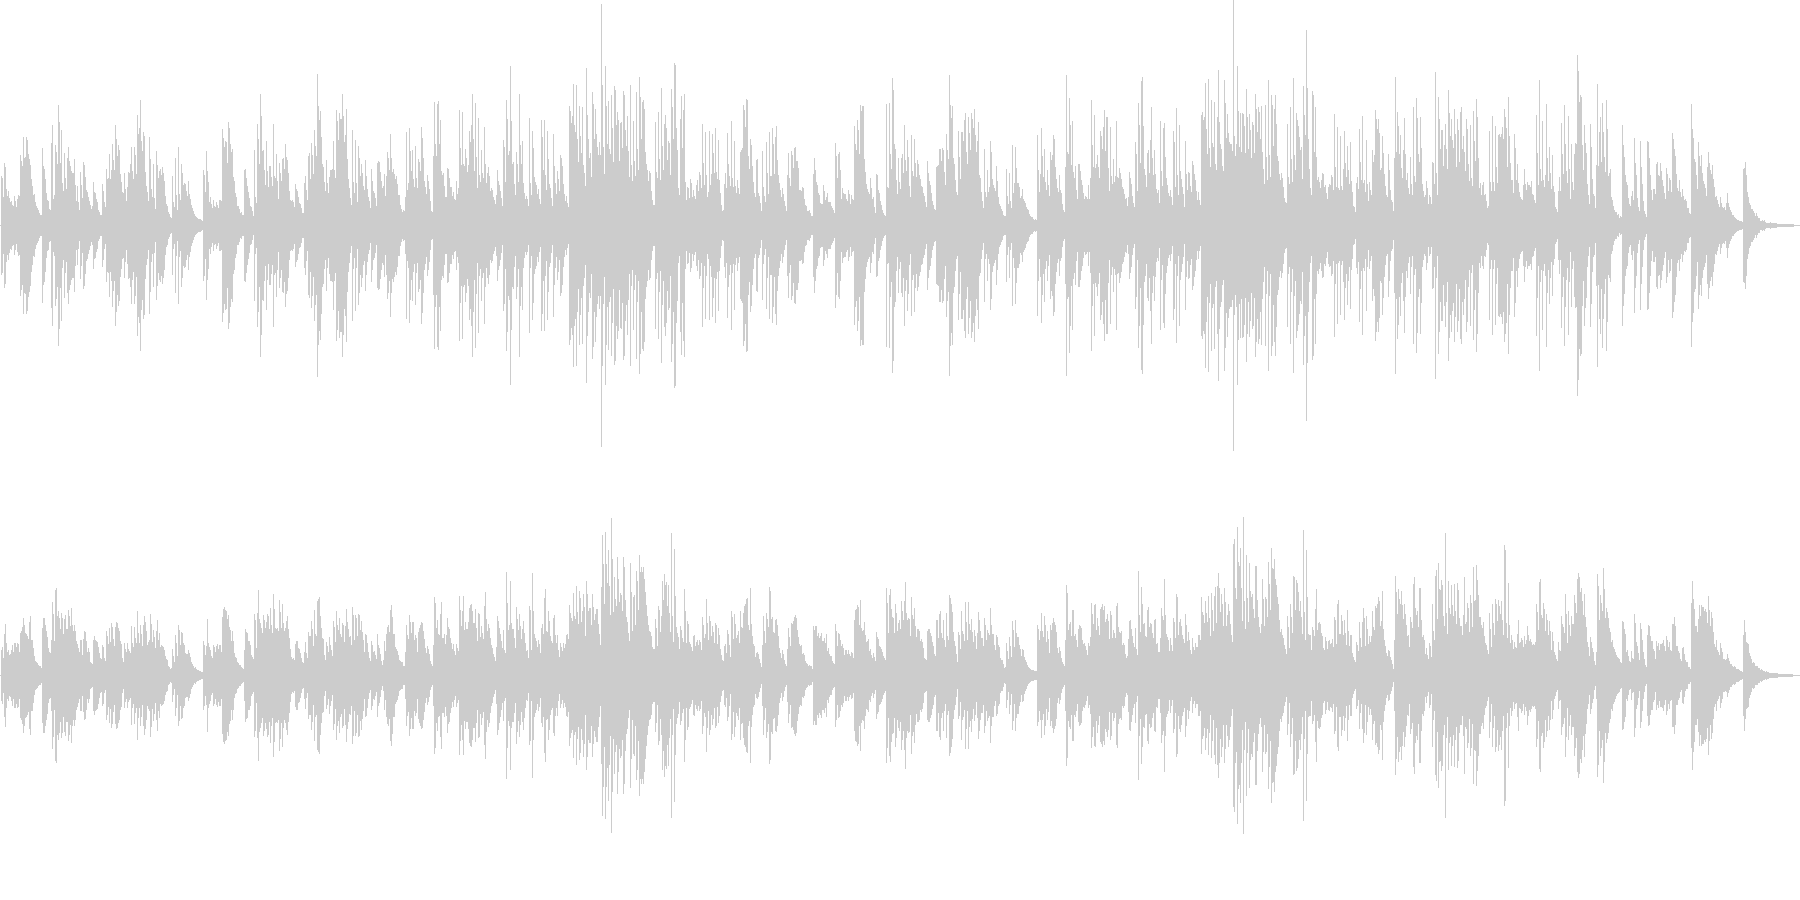 切ない旋律が印象的なピアノソロバラードの未再生の波形